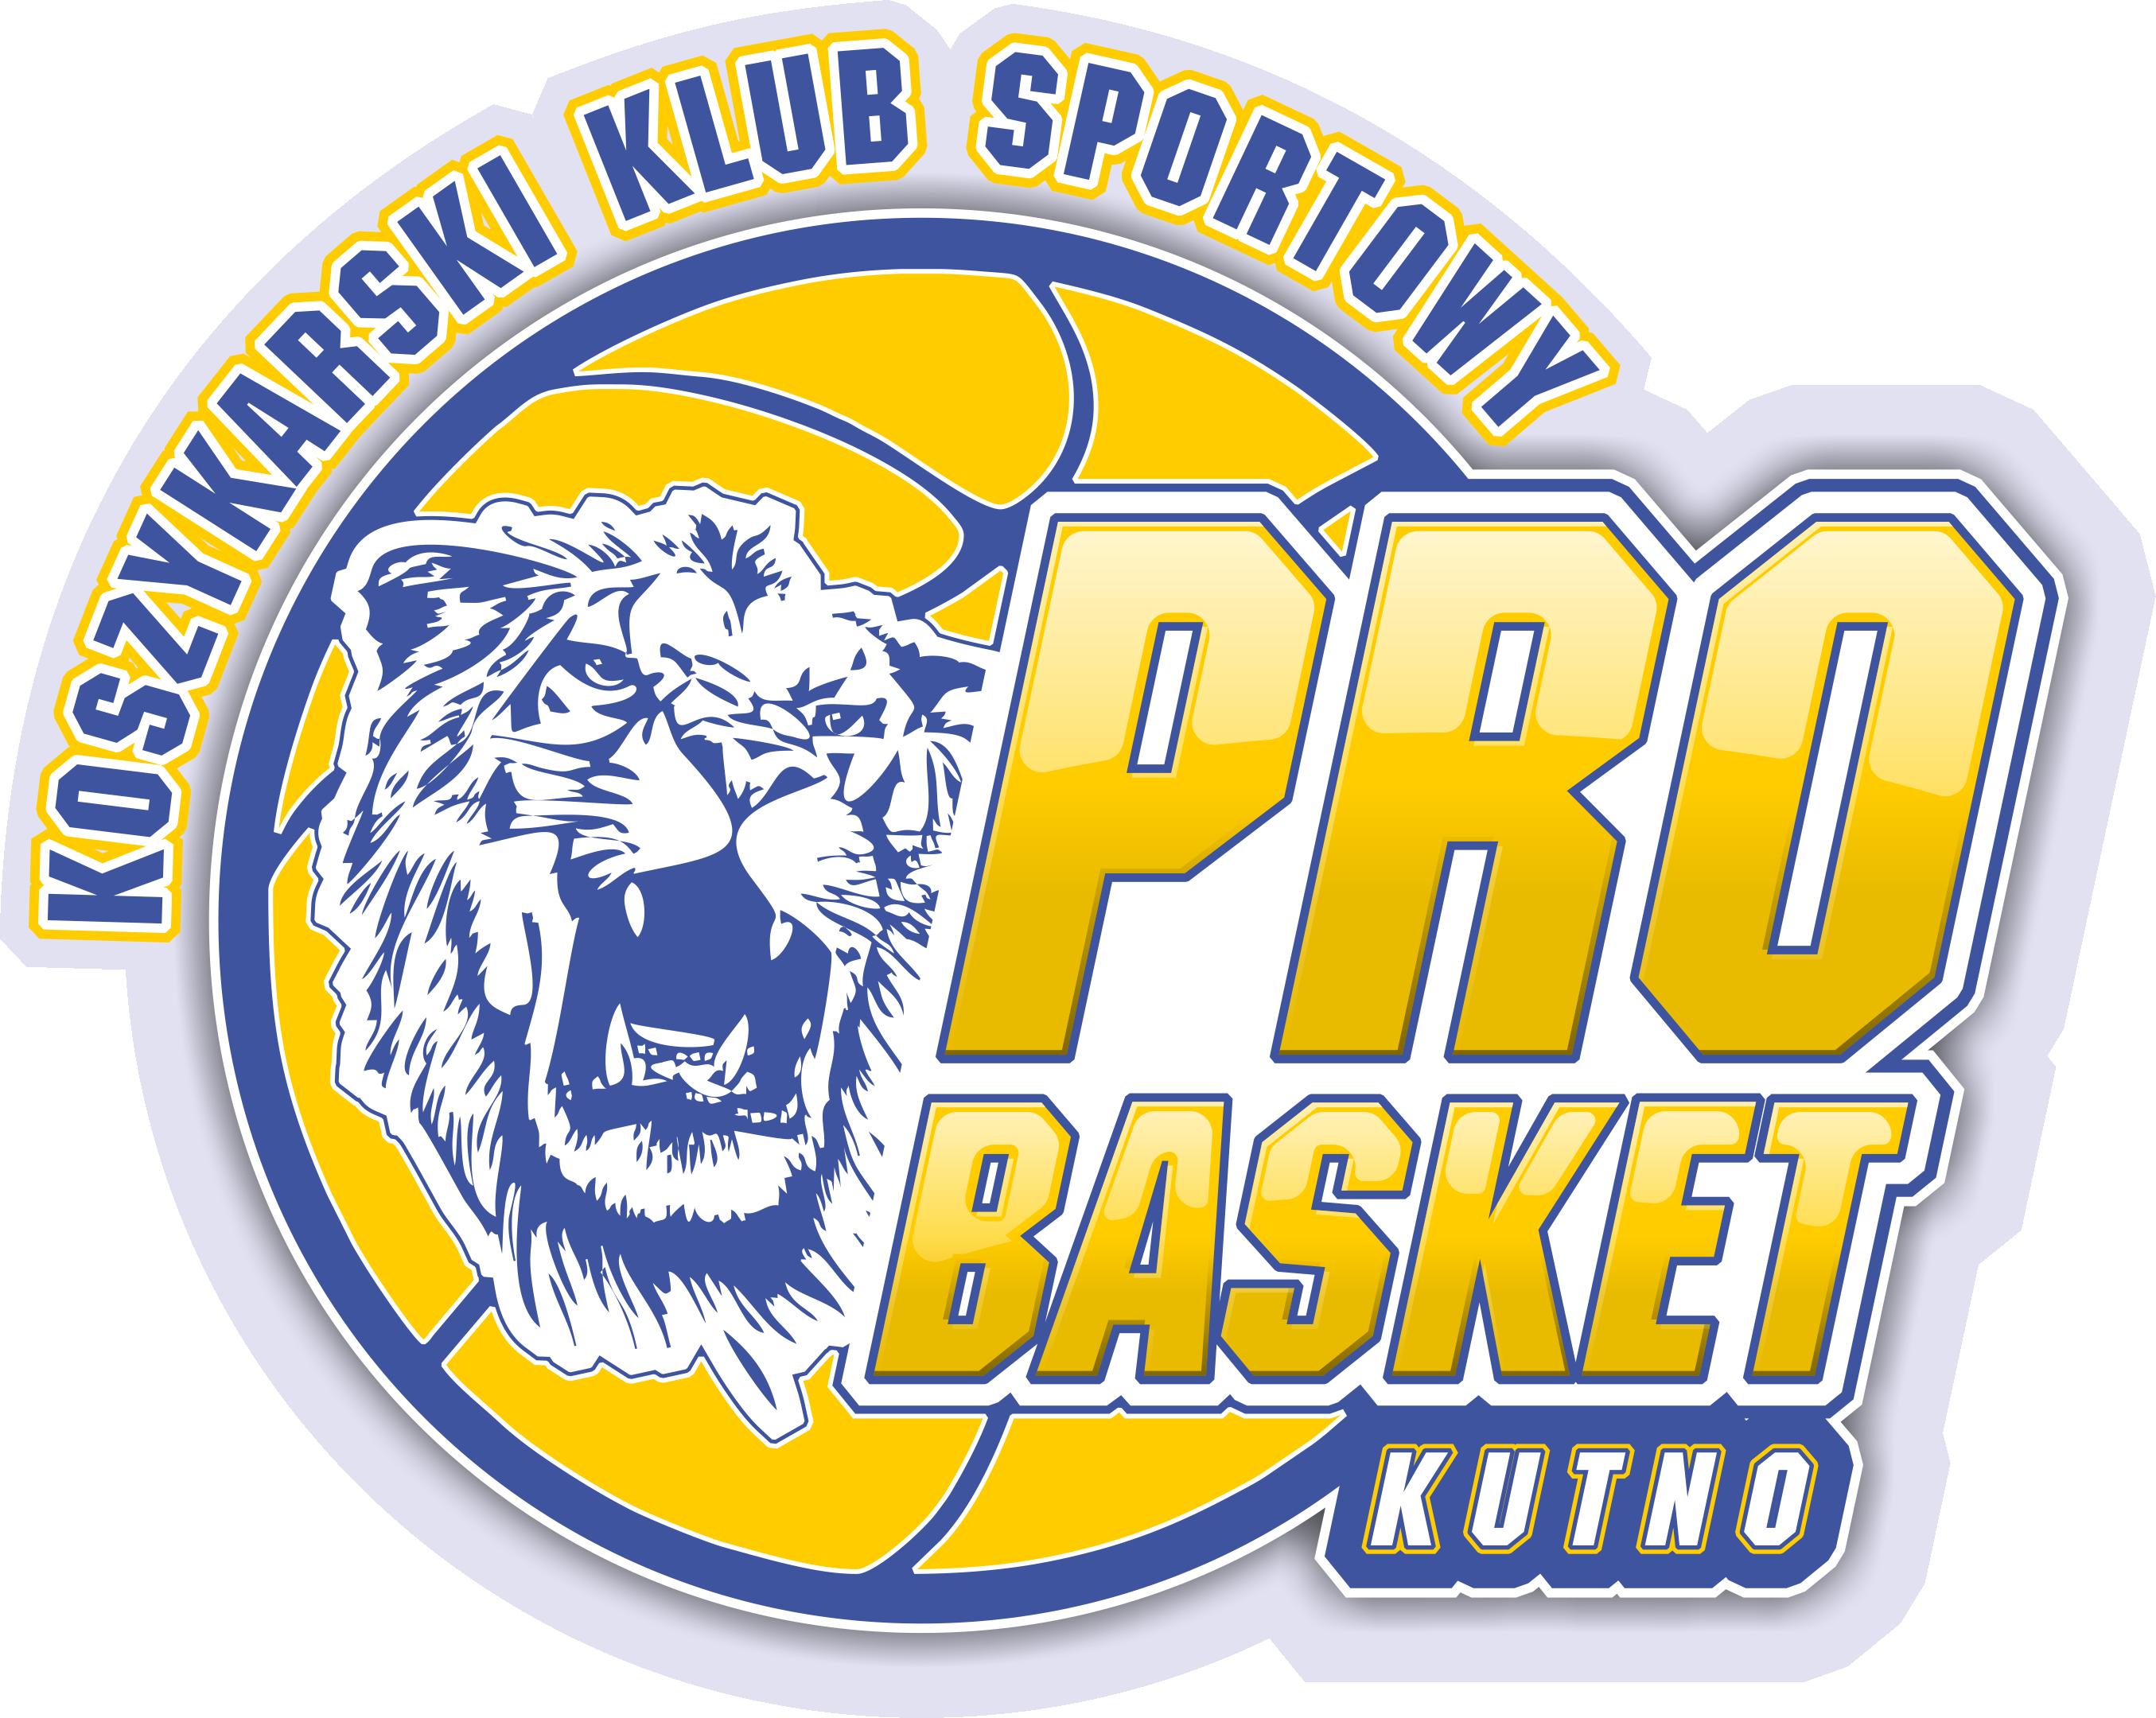 KKS PRO-BASKET Kutno